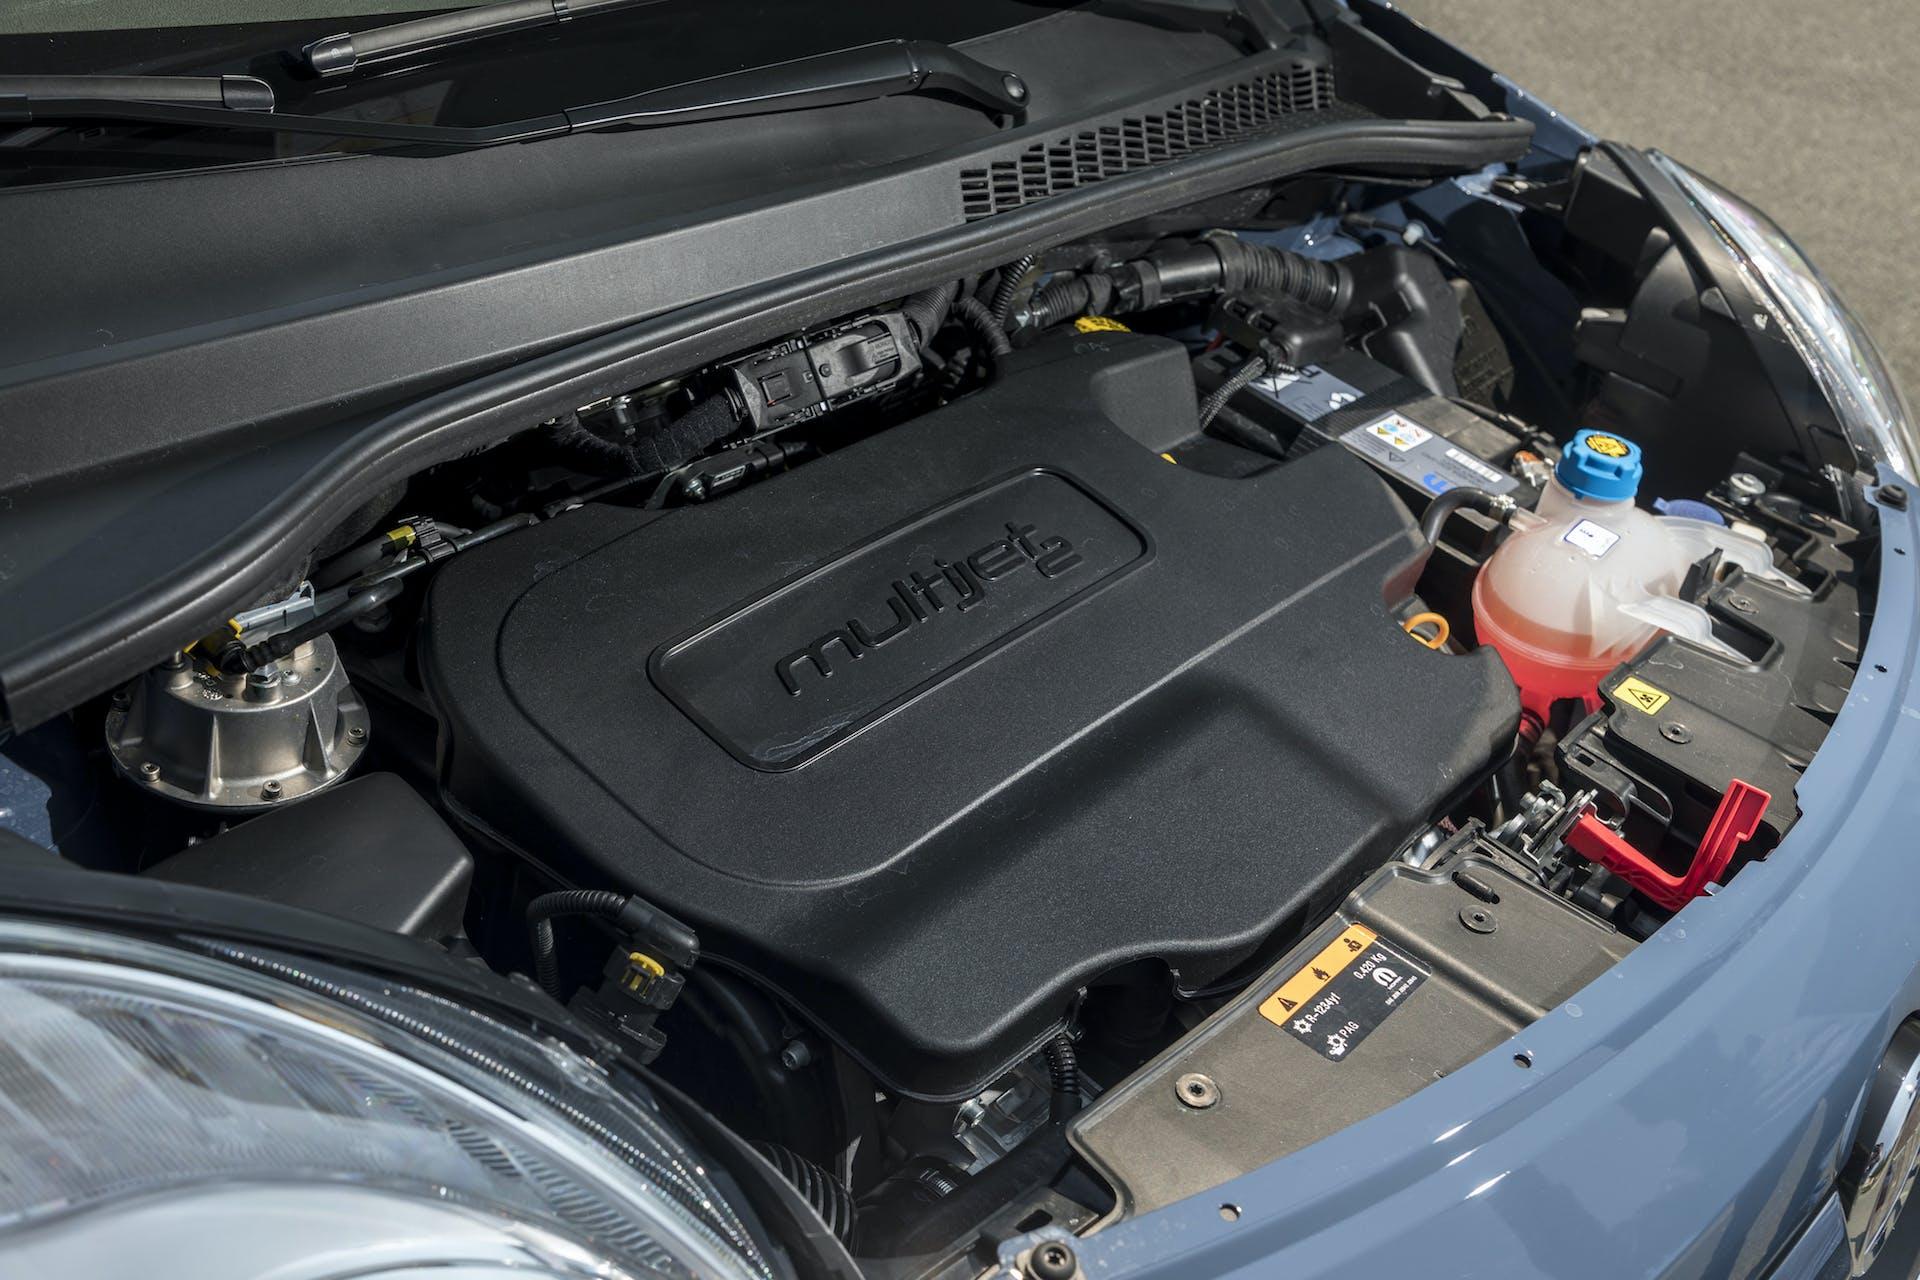 Fiat Motore Multijet